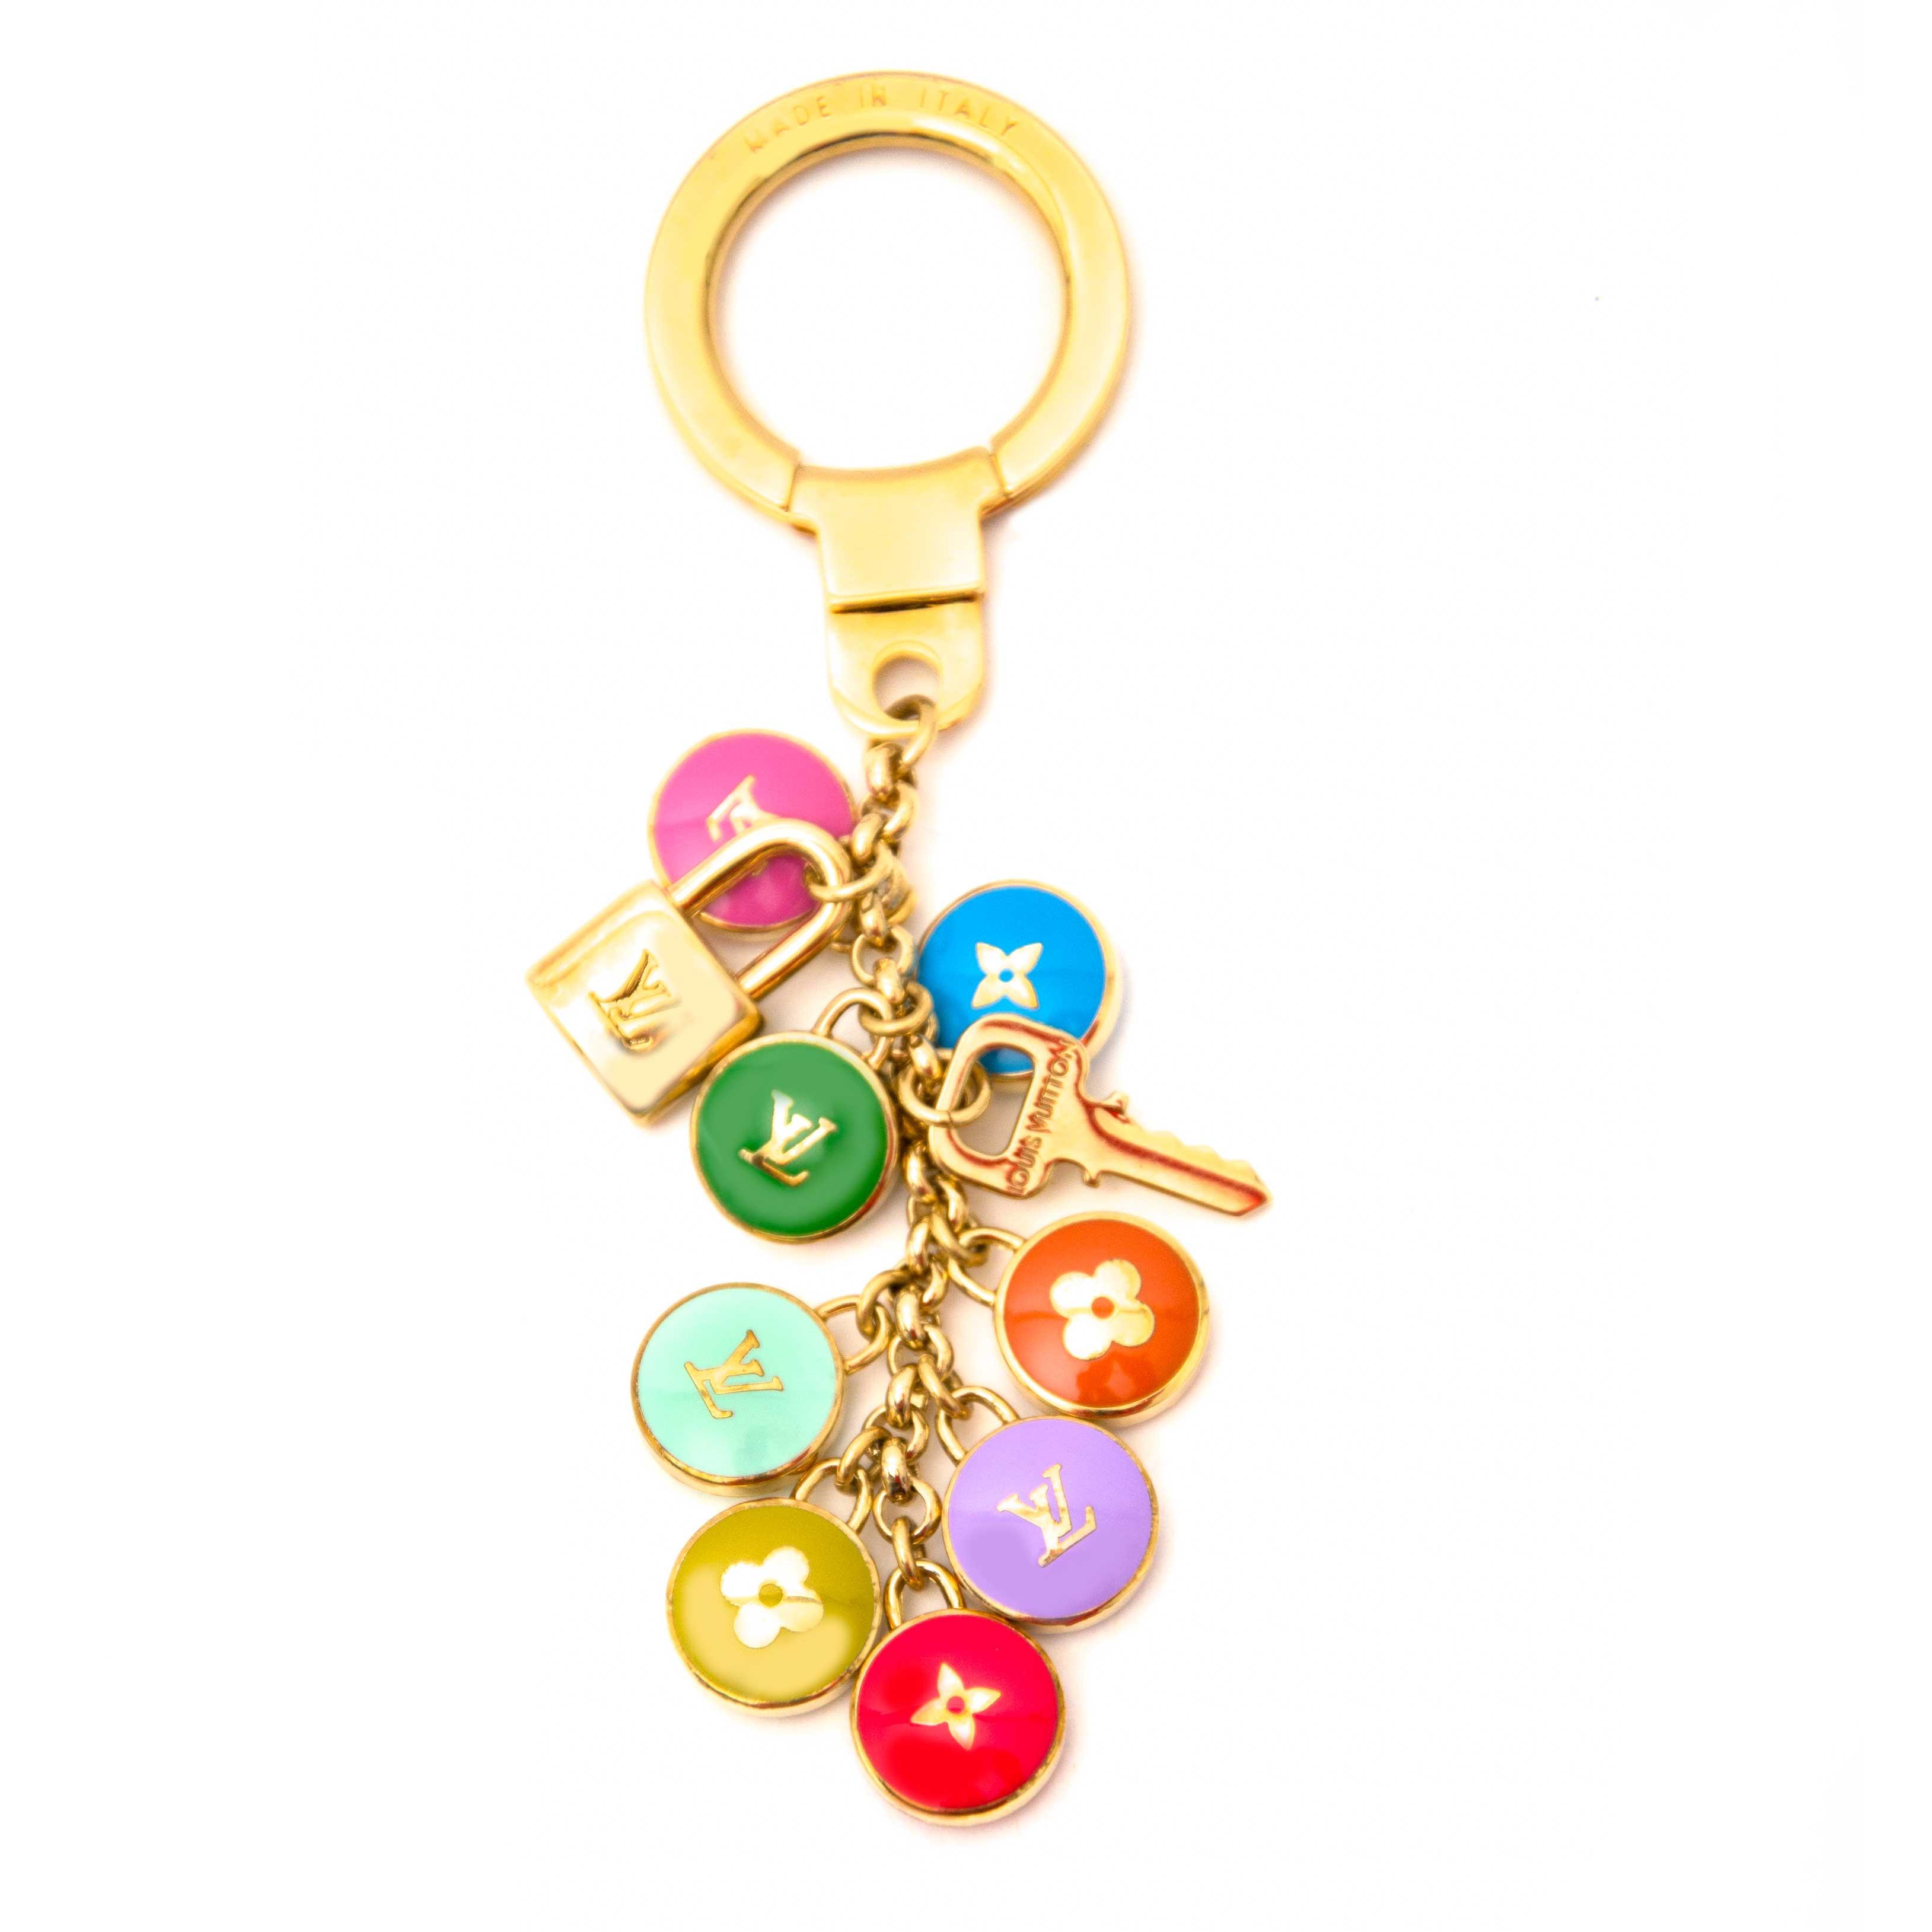 Louis Vuitton Multicolor Pastilles Key Chain Bag Charm